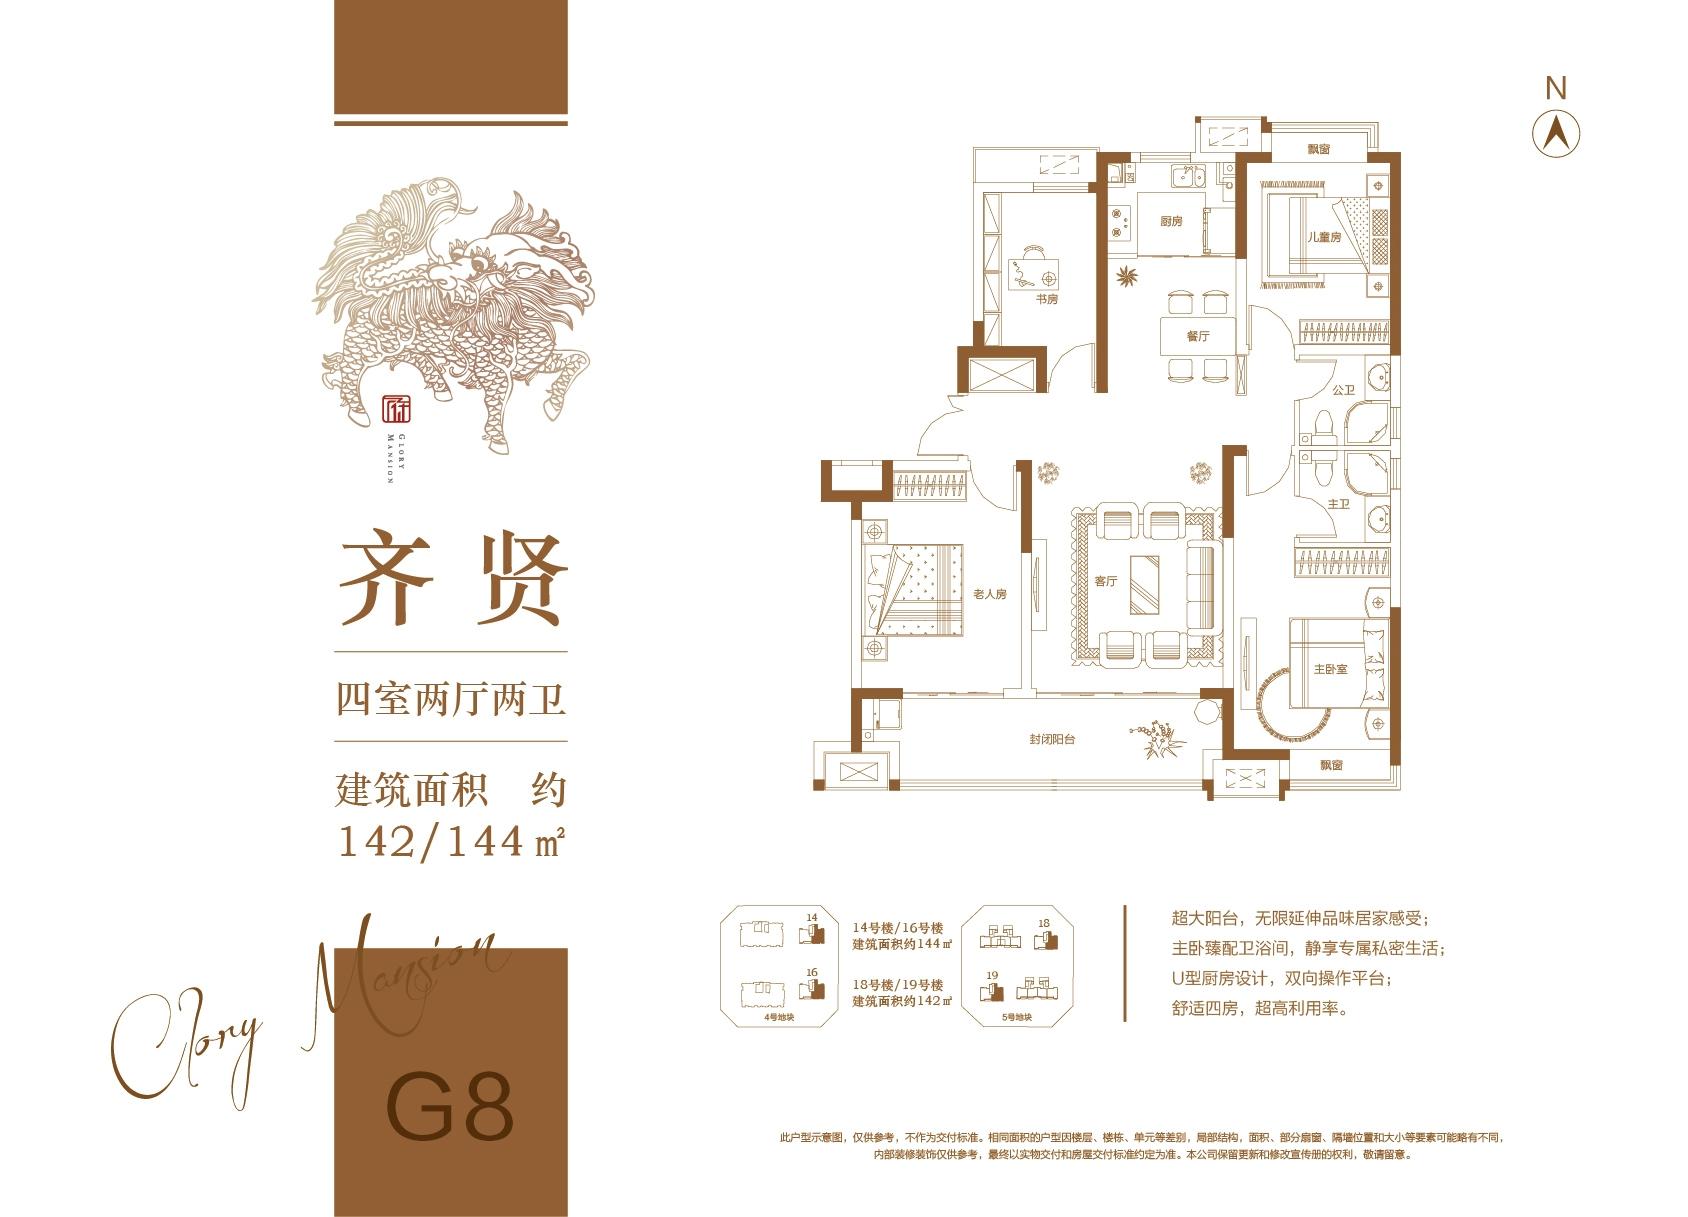 荣盛华府二区·玖珑院 G8户型 四室两厅两卫 建面约142/144㎡